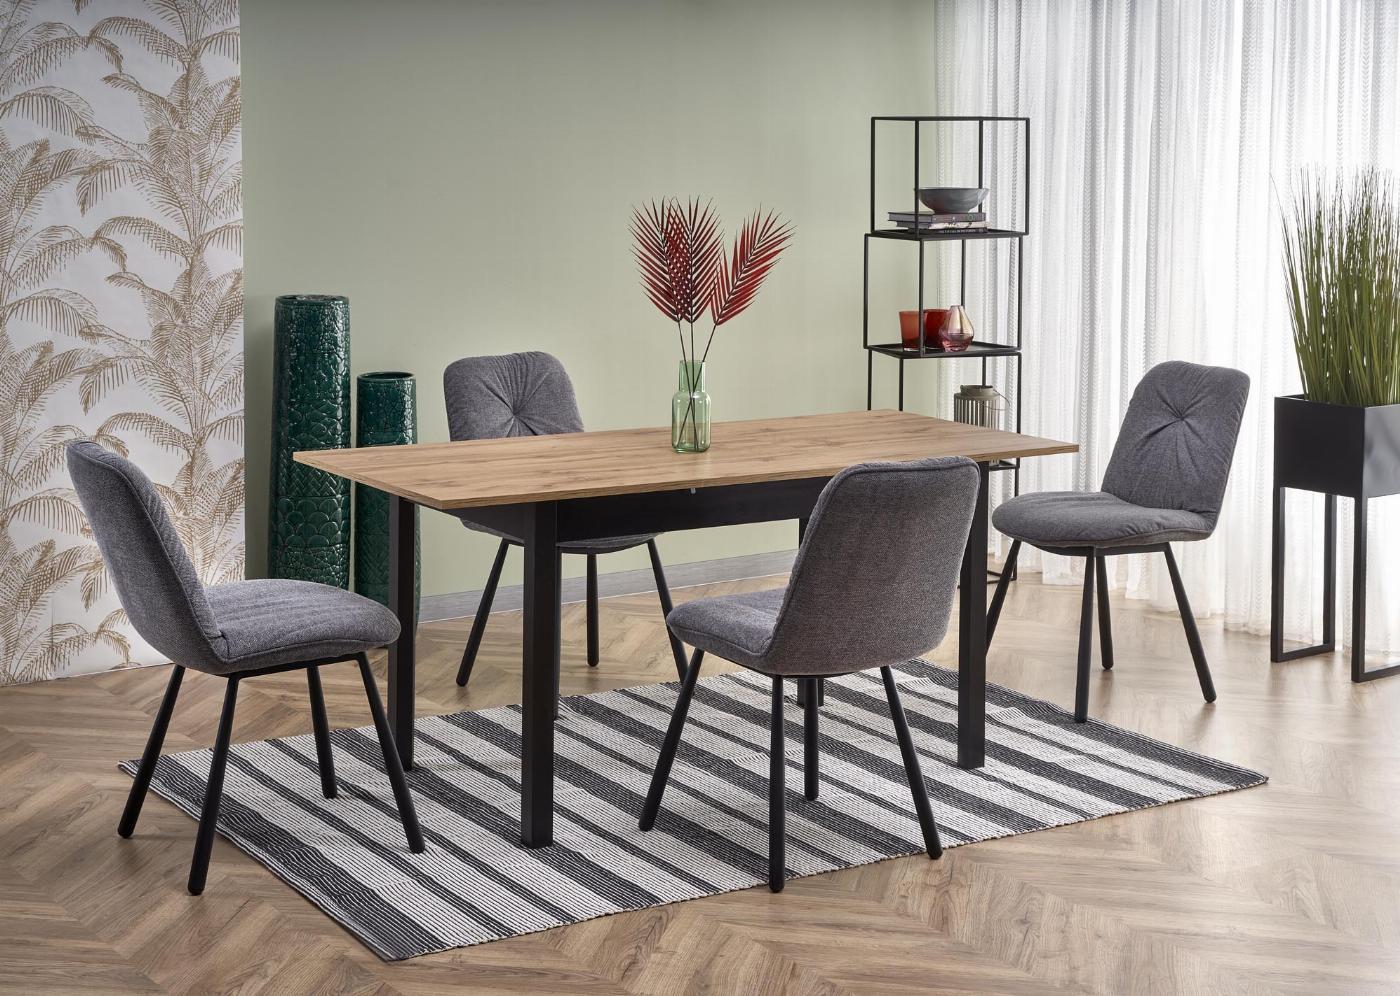 GREG stół rozkładany kolor dąb wotan/czarny (1p=1szt)